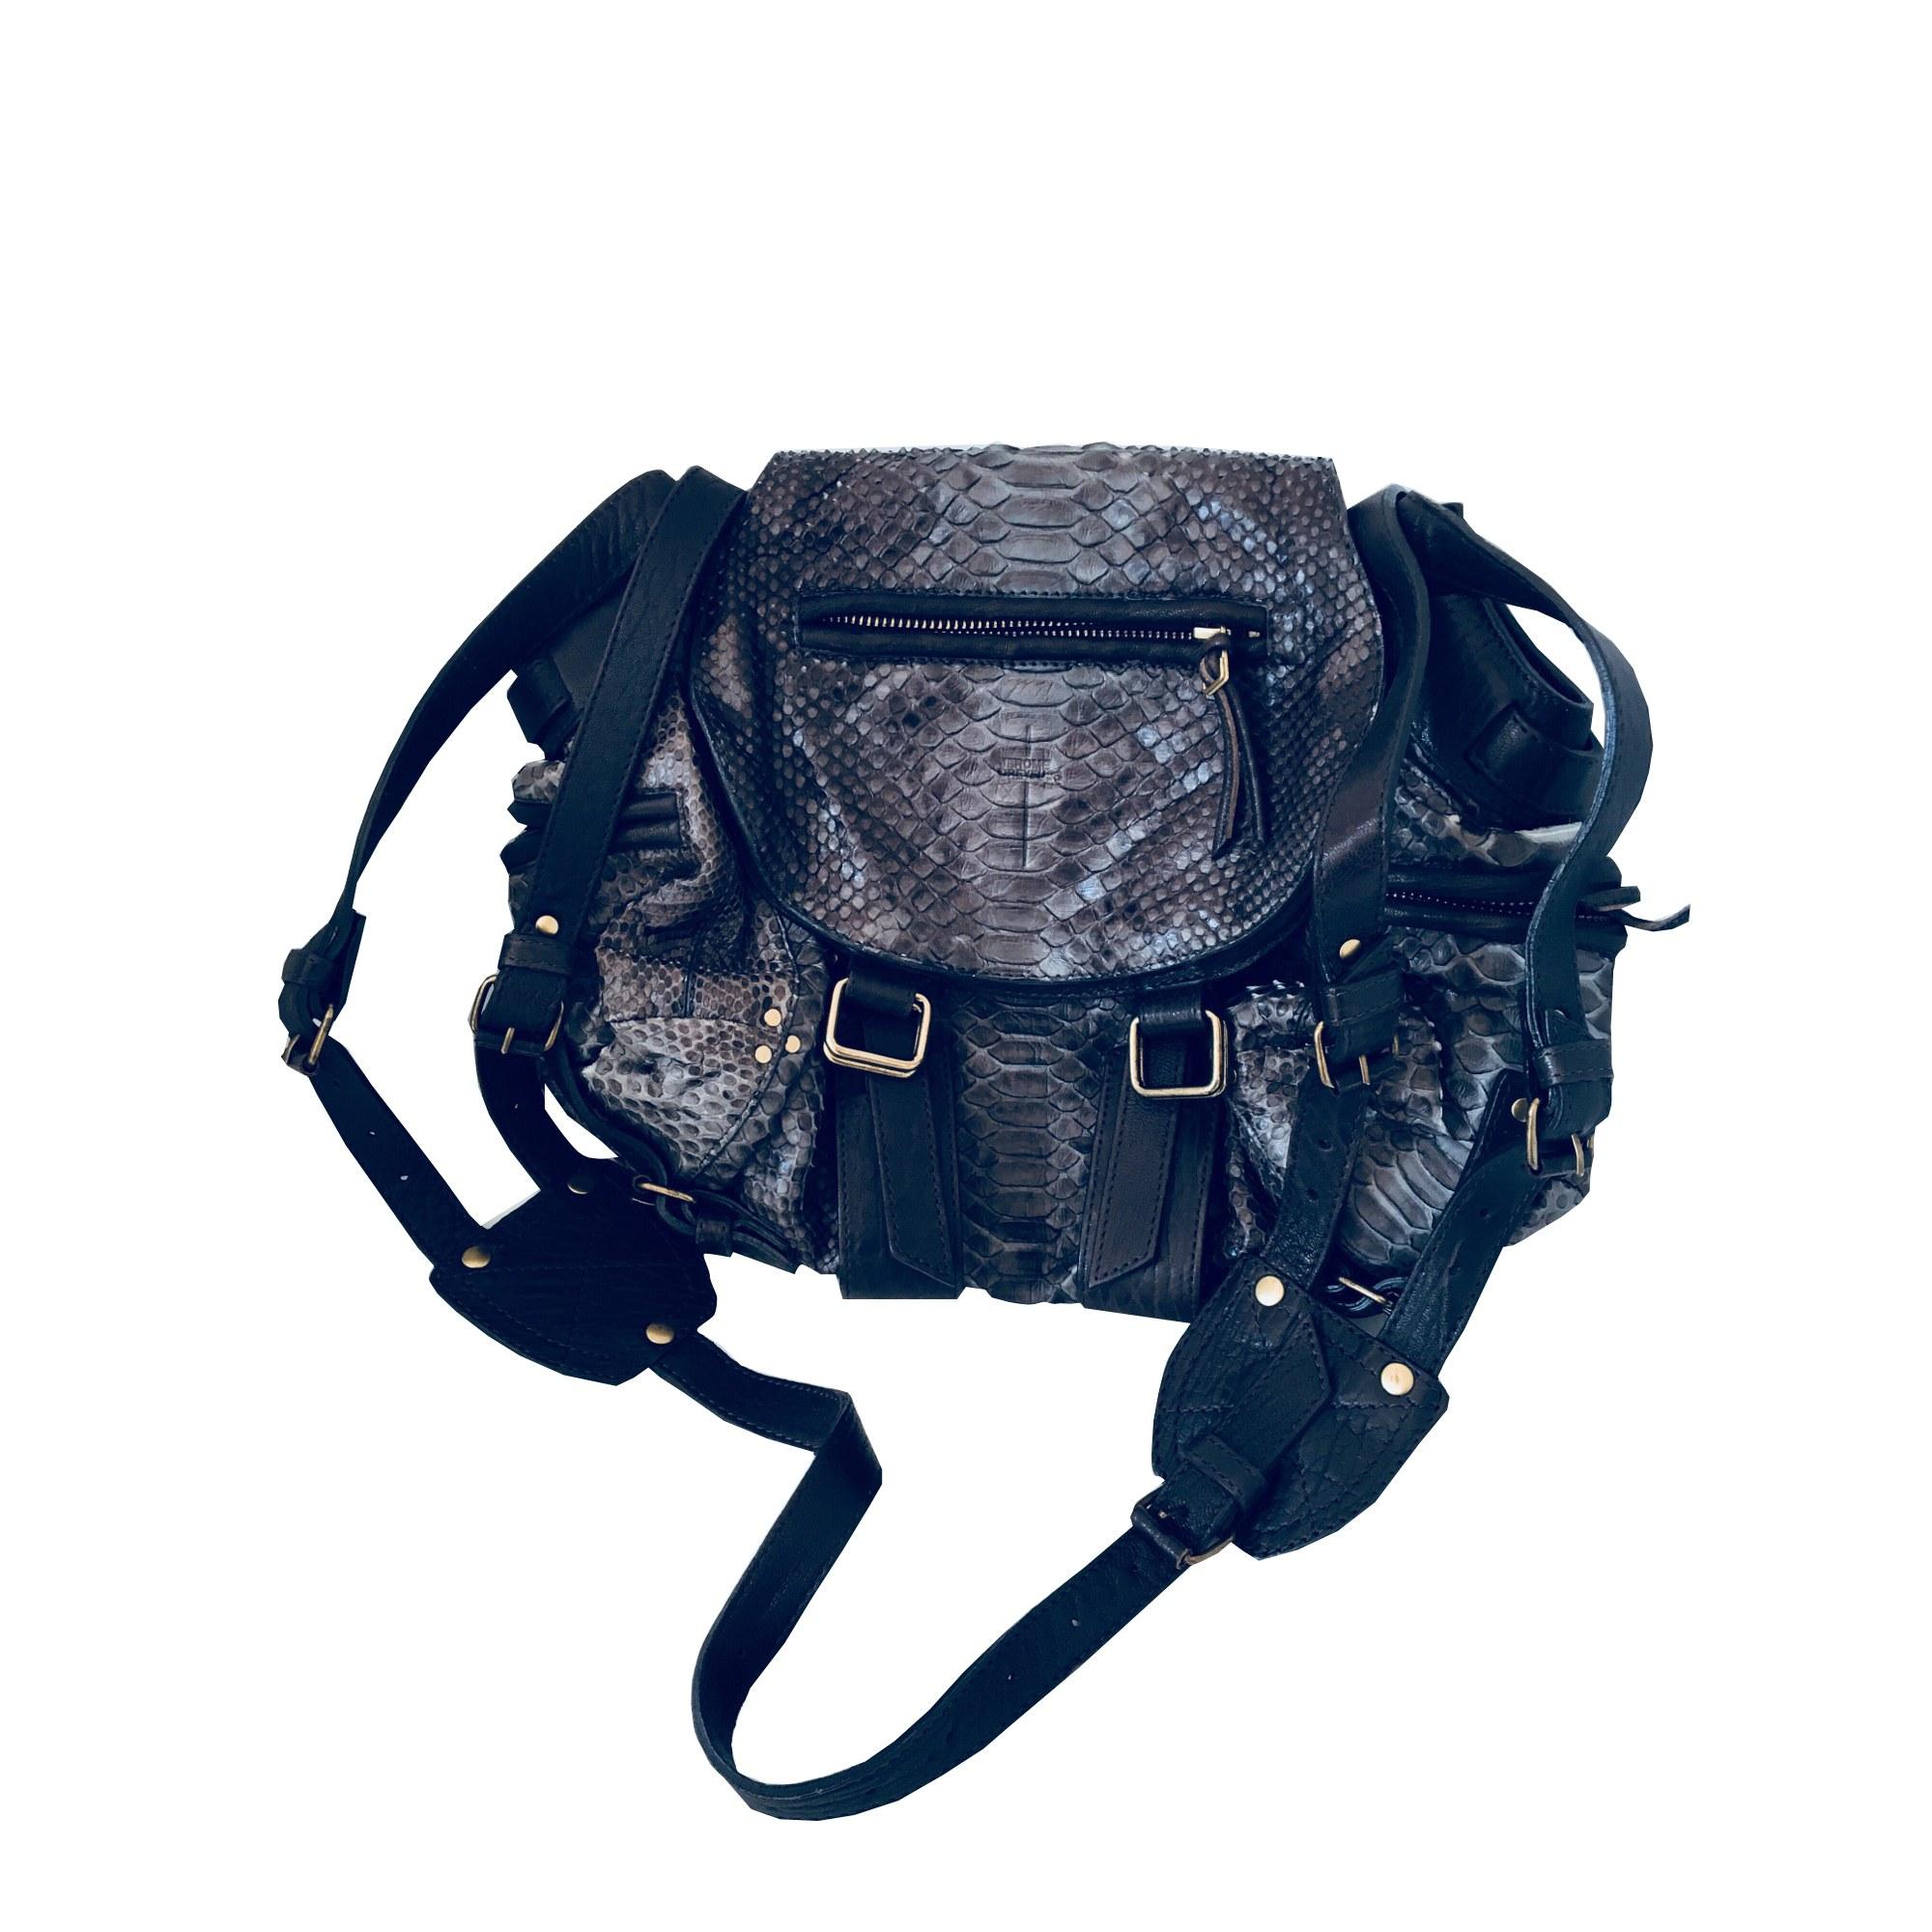 Leather Shoulder Bag JEROME DREYFUSS Gray, charcoal